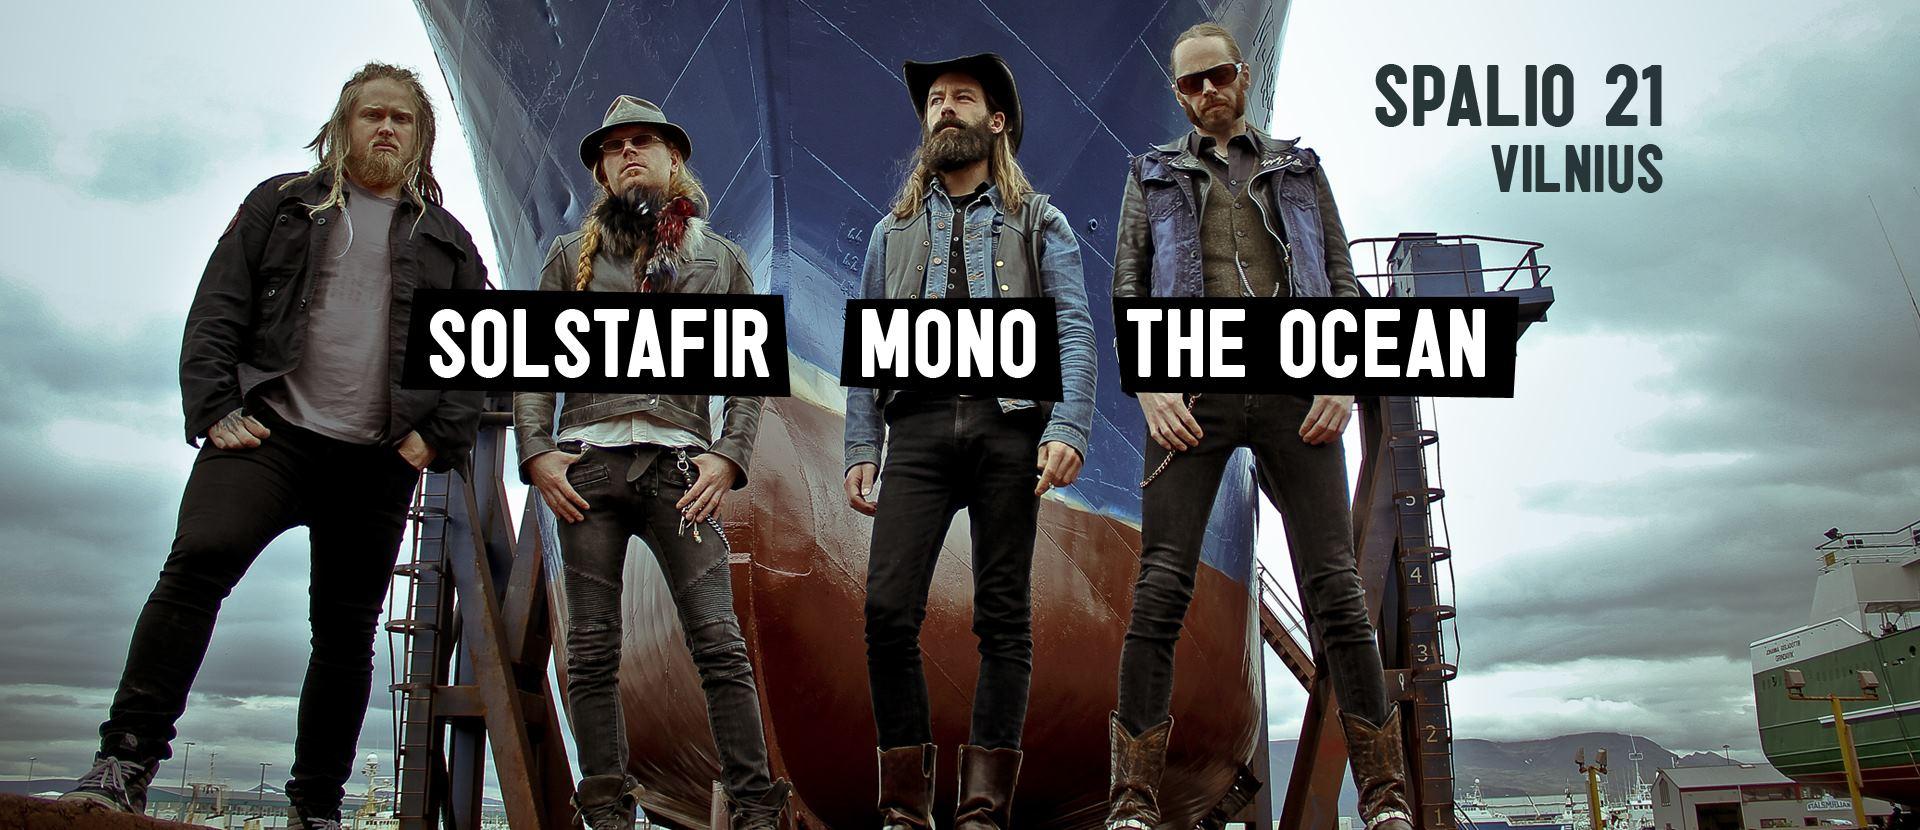 Mono / Solstafir / The Ocean